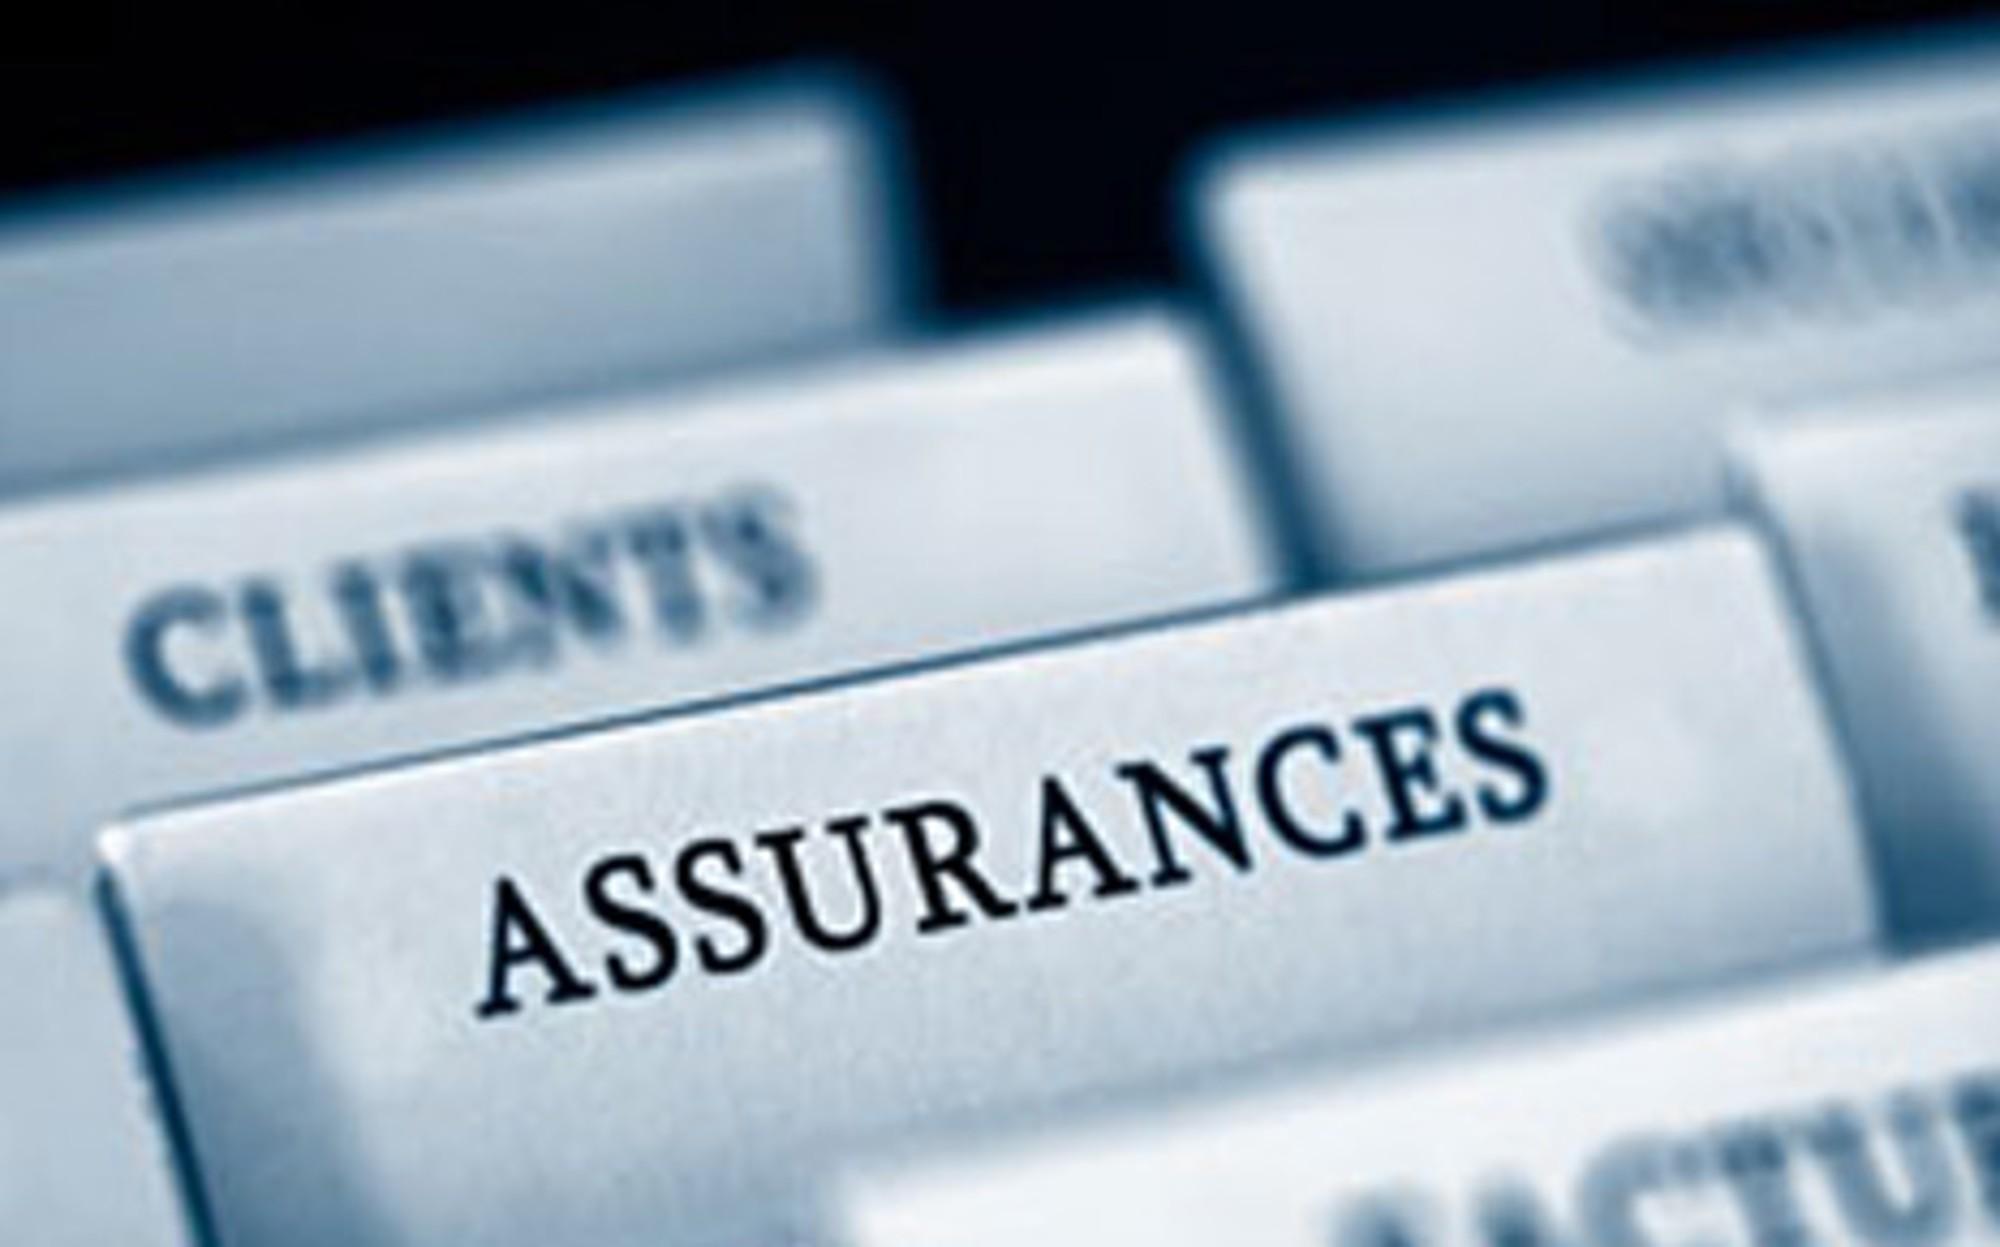 Choisir une assurance : quelles sont les formules obligatoires ?